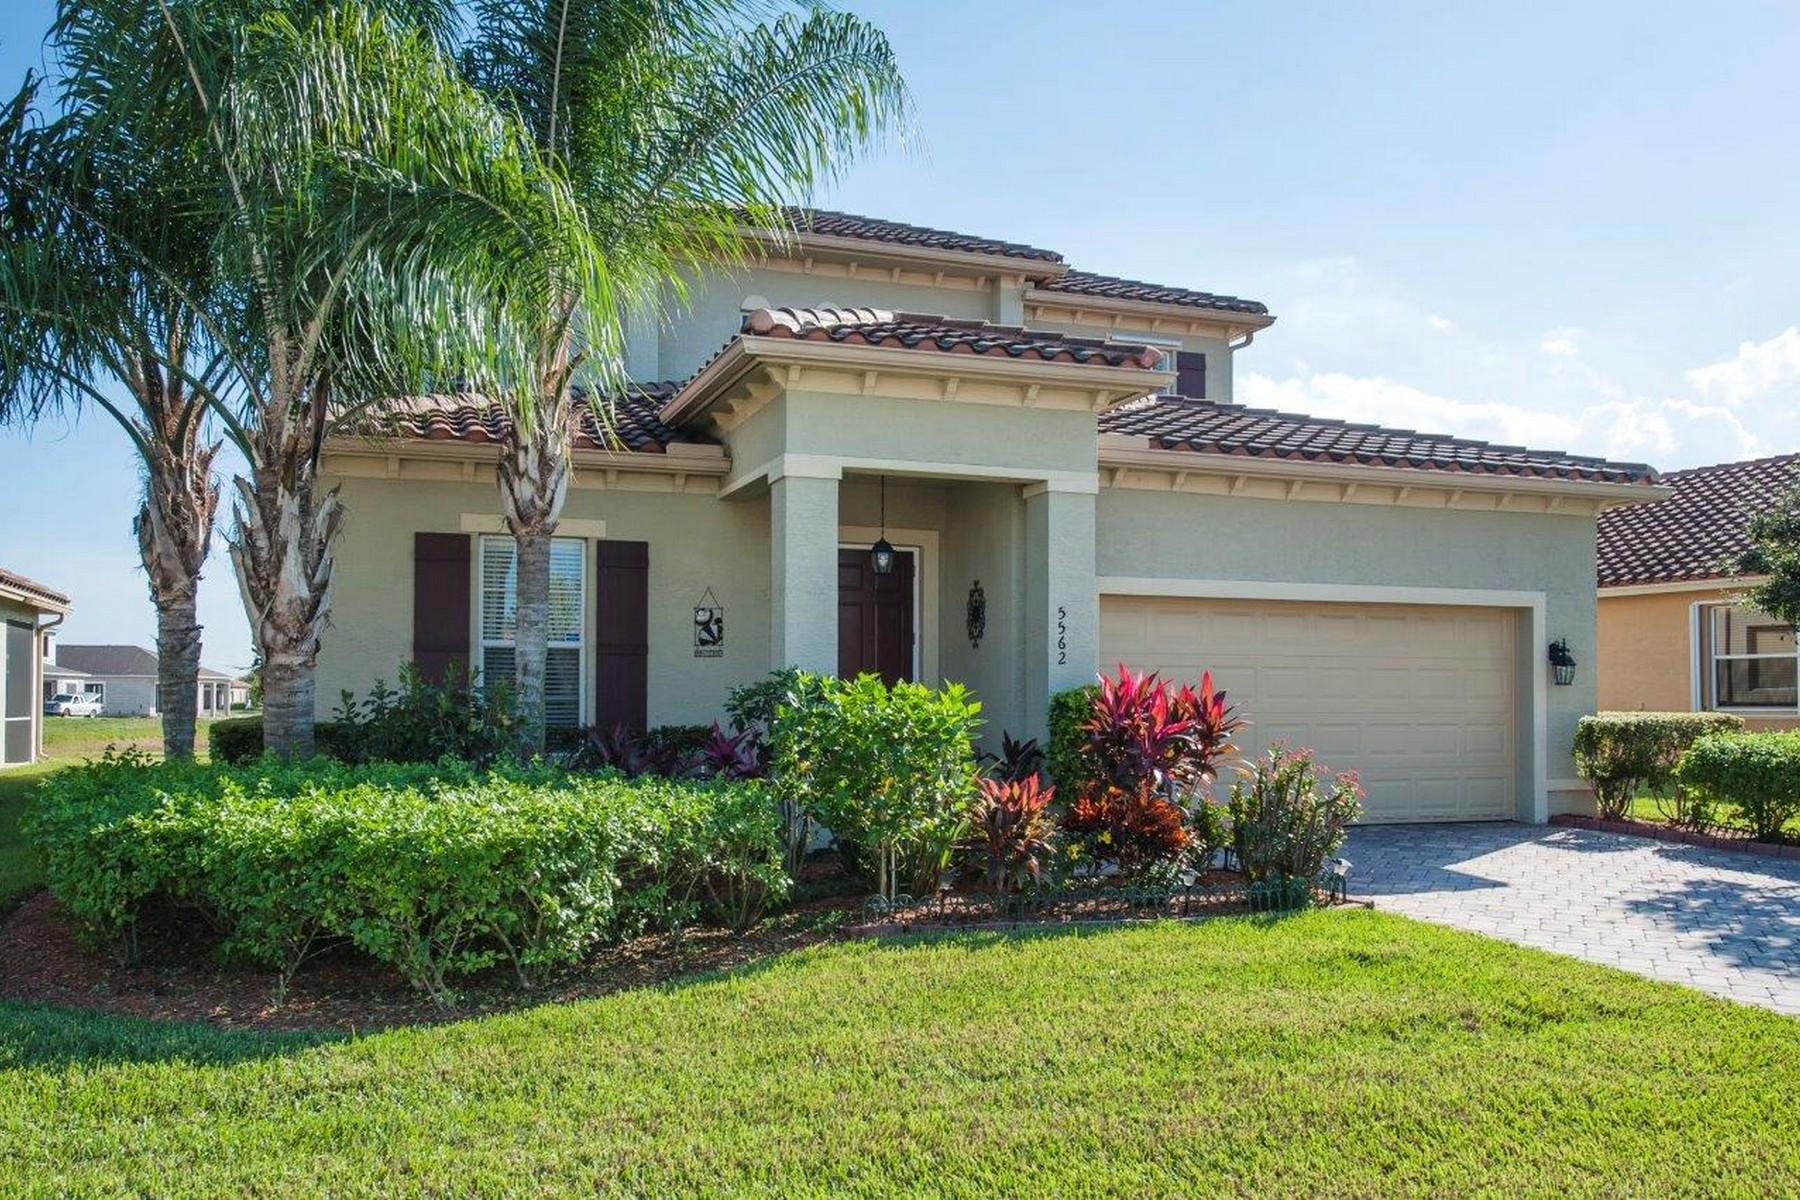 Moradia para Venda às Gorgeous Verolago Home on Lake 5562 57th Way Vero Beach, Florida, 32967 Estados Unidos